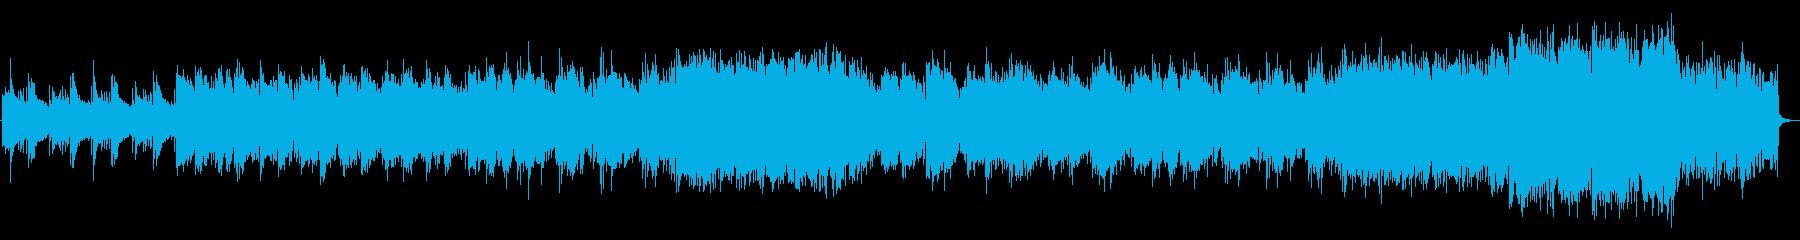 笛・箏など和楽器による切ないバラード曲の再生済みの波形